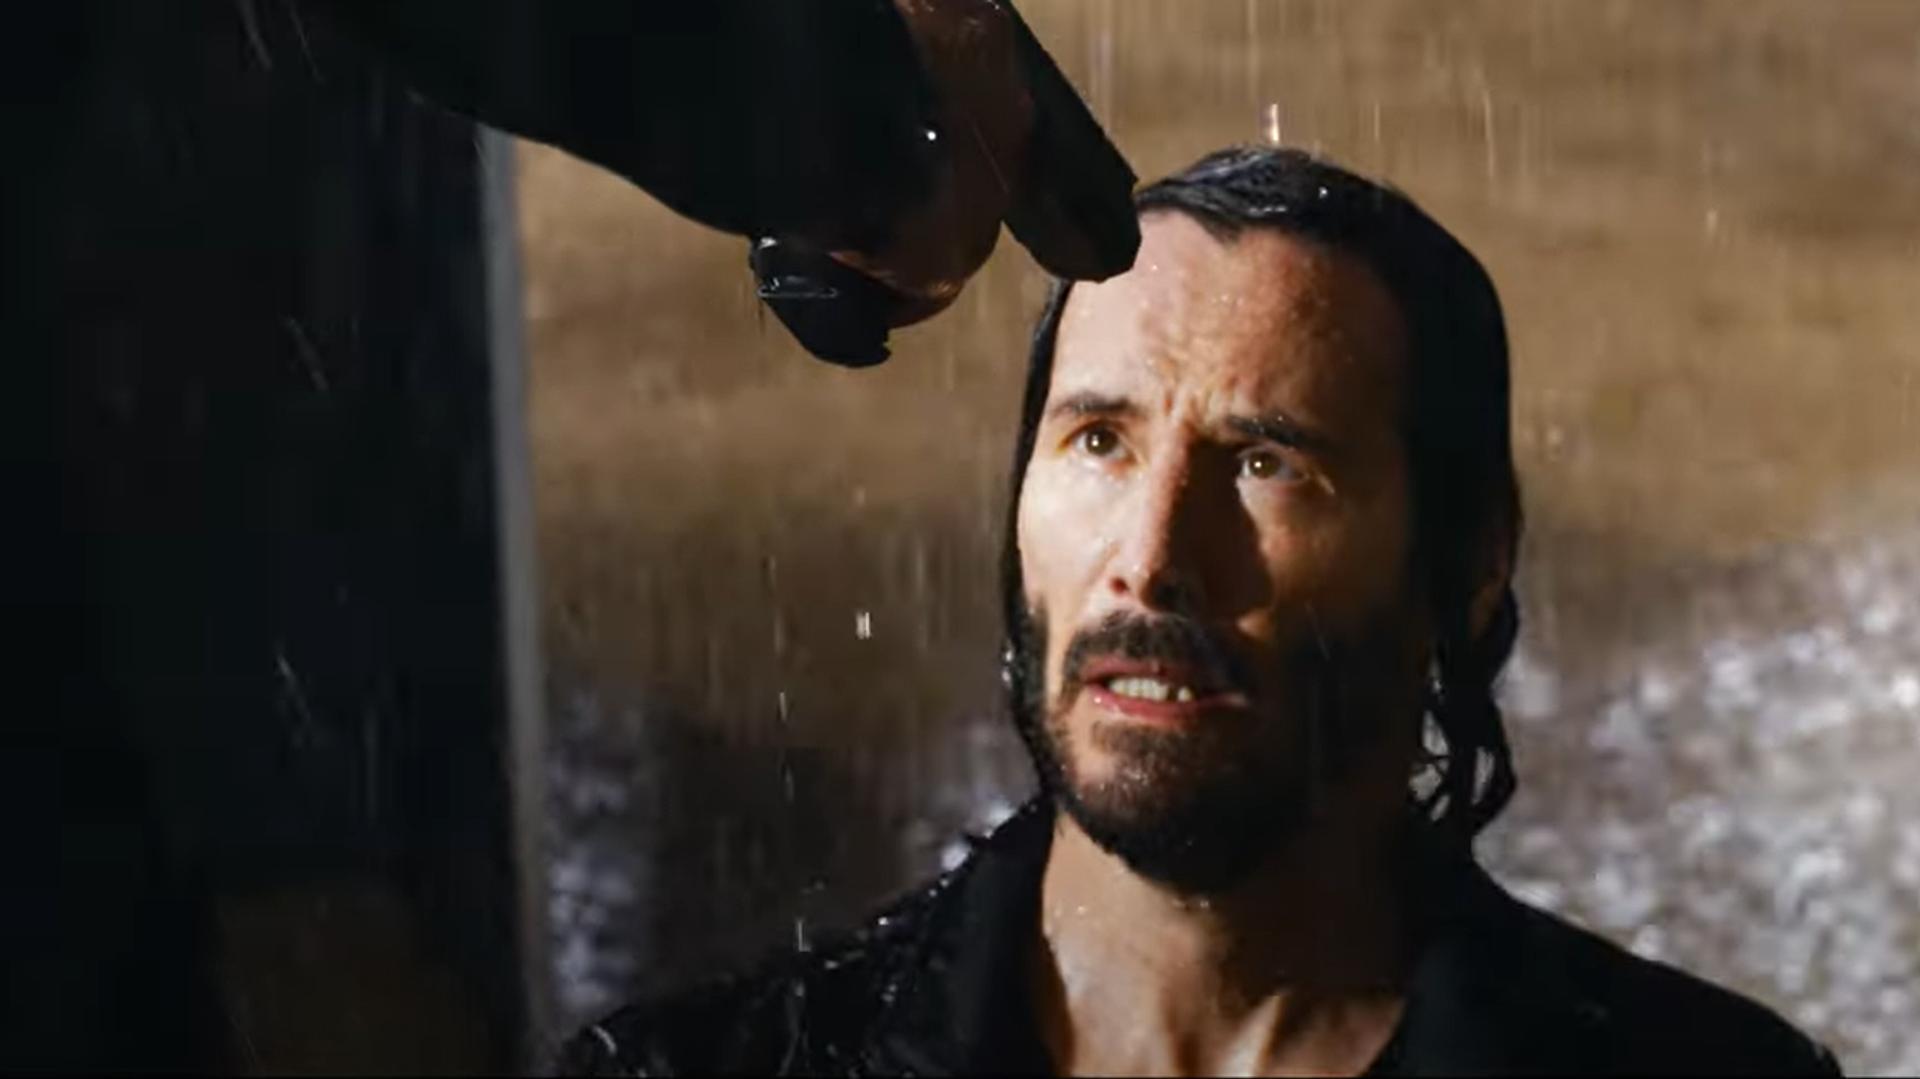 Keanu Reeves en 'The Matrix Resurrections', captura de pantalla - Sputnik Mundo, 1920, 09.09.2021